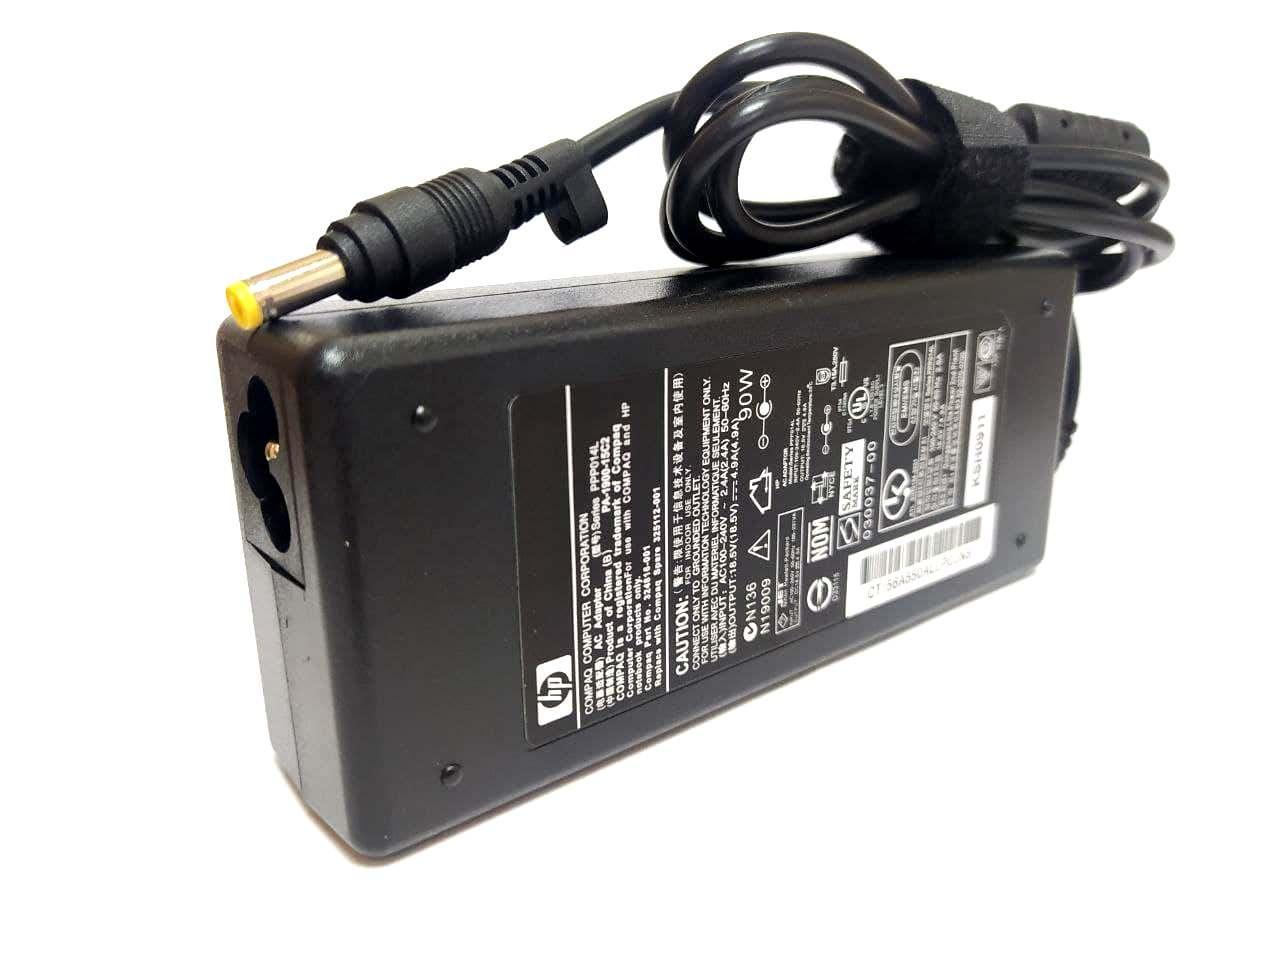 Блок питания для ноутбука HP Pavilion nc6115 18.5V 4.9A 4.8*1.7mm 90W